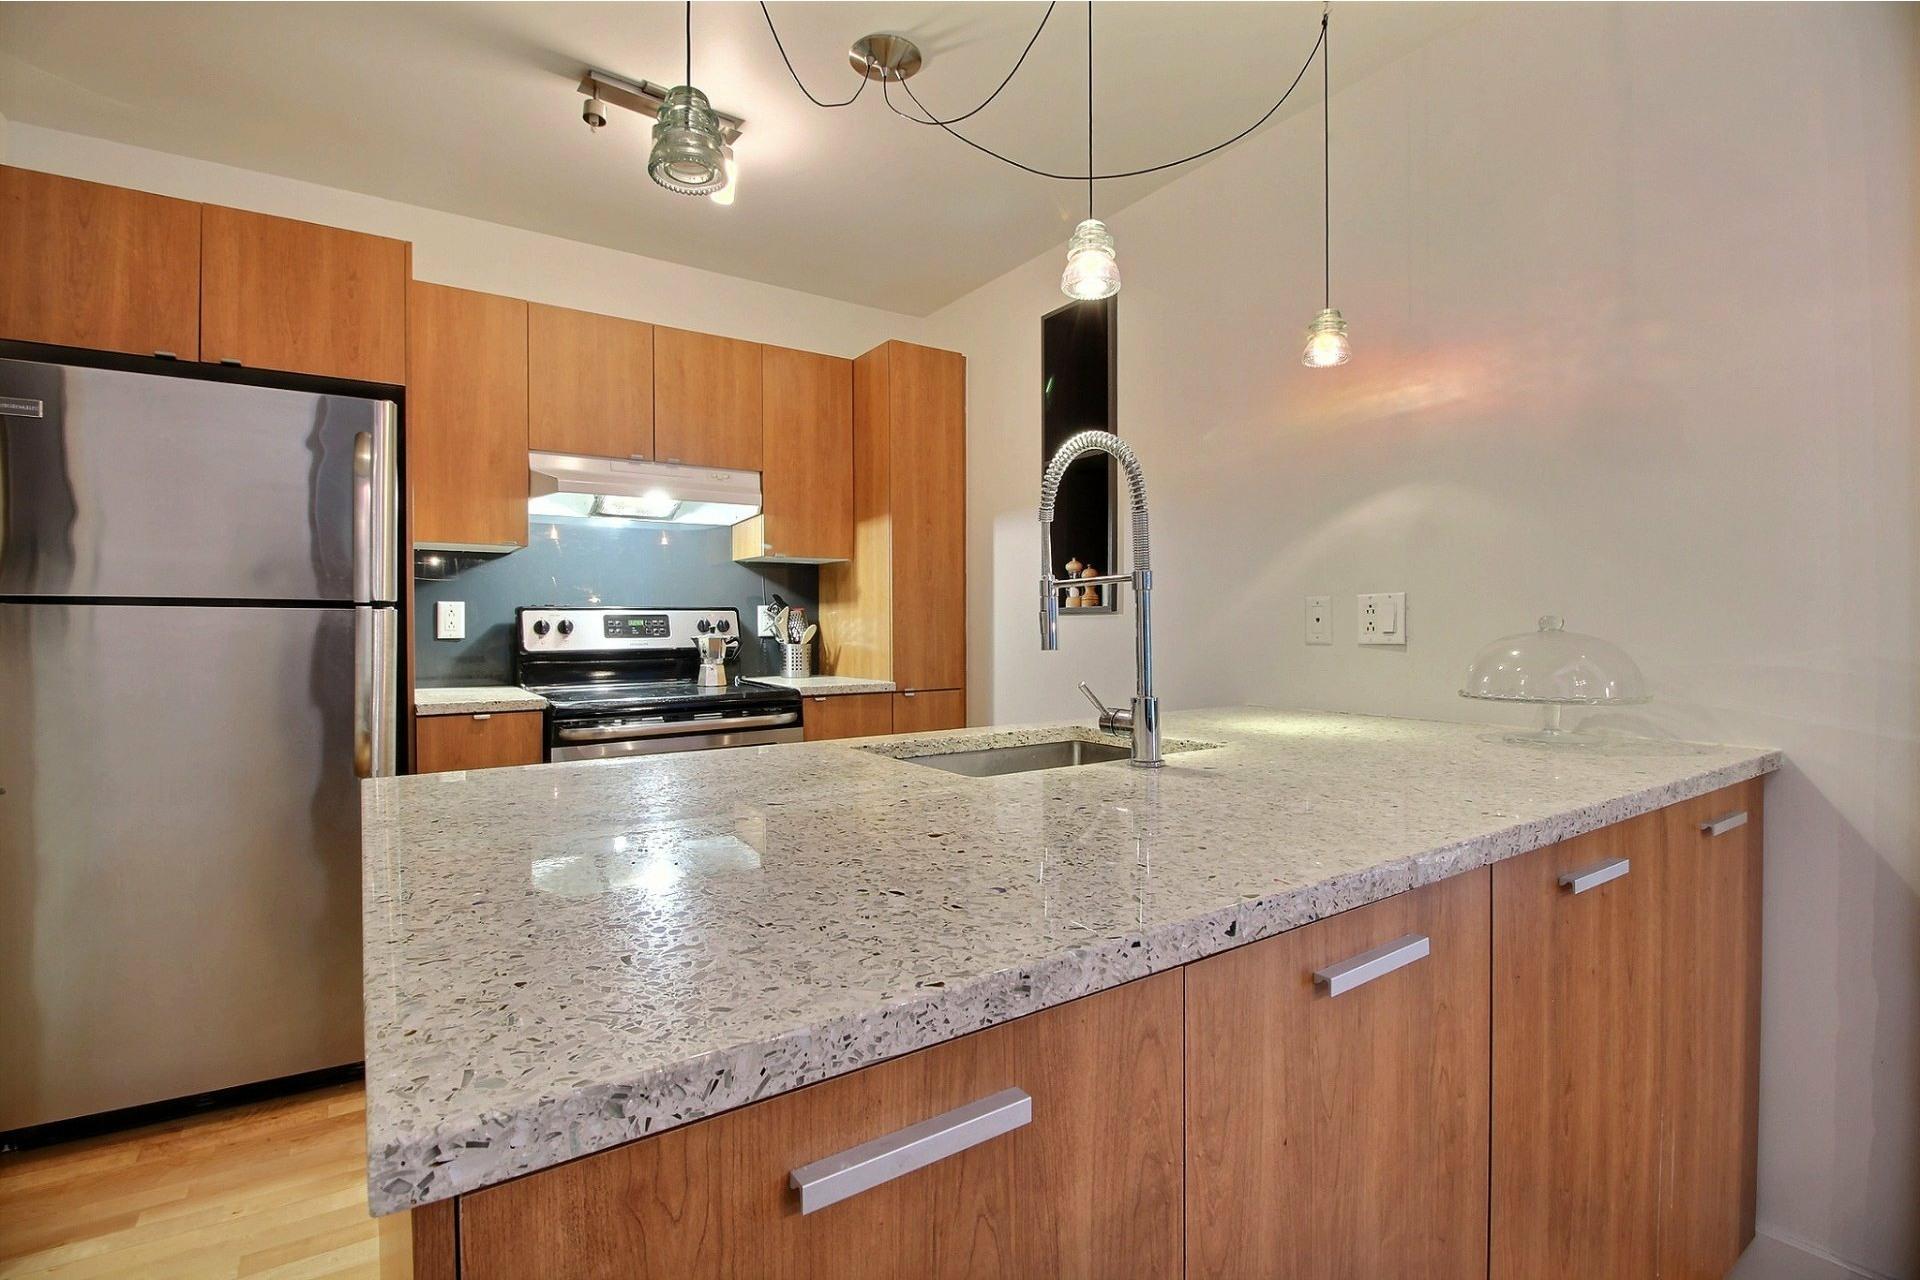 image 5 - Apartment For rent Mercier/Hochelaga-Maisonneuve Montréal  - 5 rooms